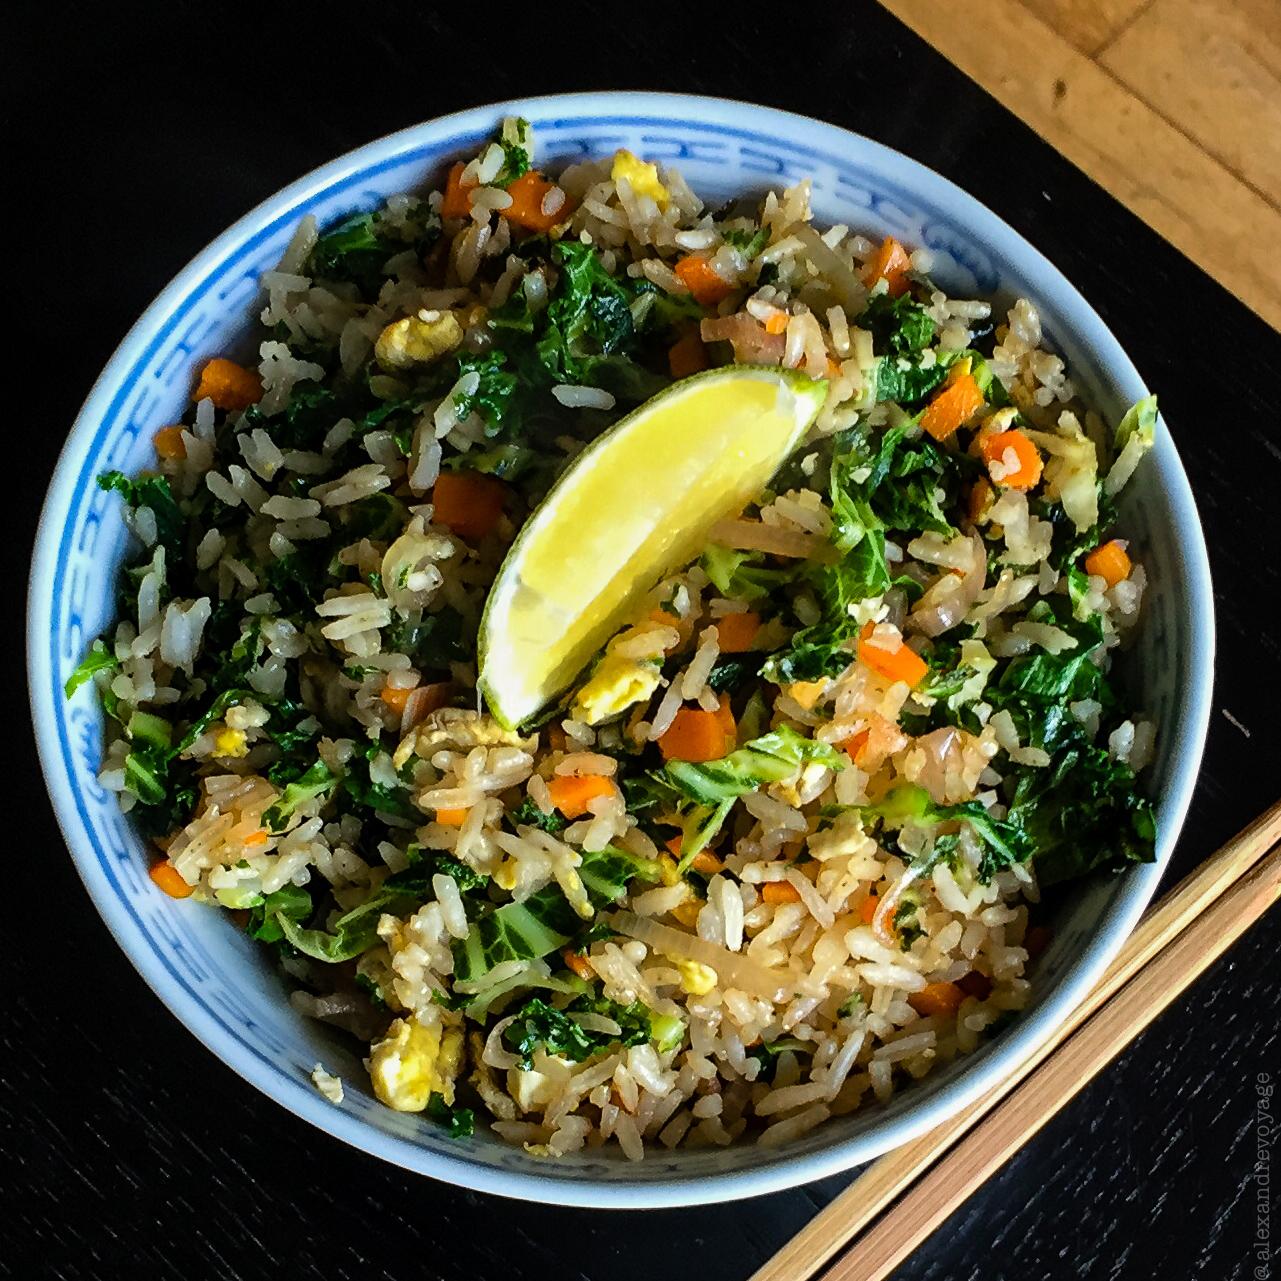 recette poelee a base de riz un site culinaire populaire avec des recettes utiles. Black Bedroom Furniture Sets. Home Design Ideas